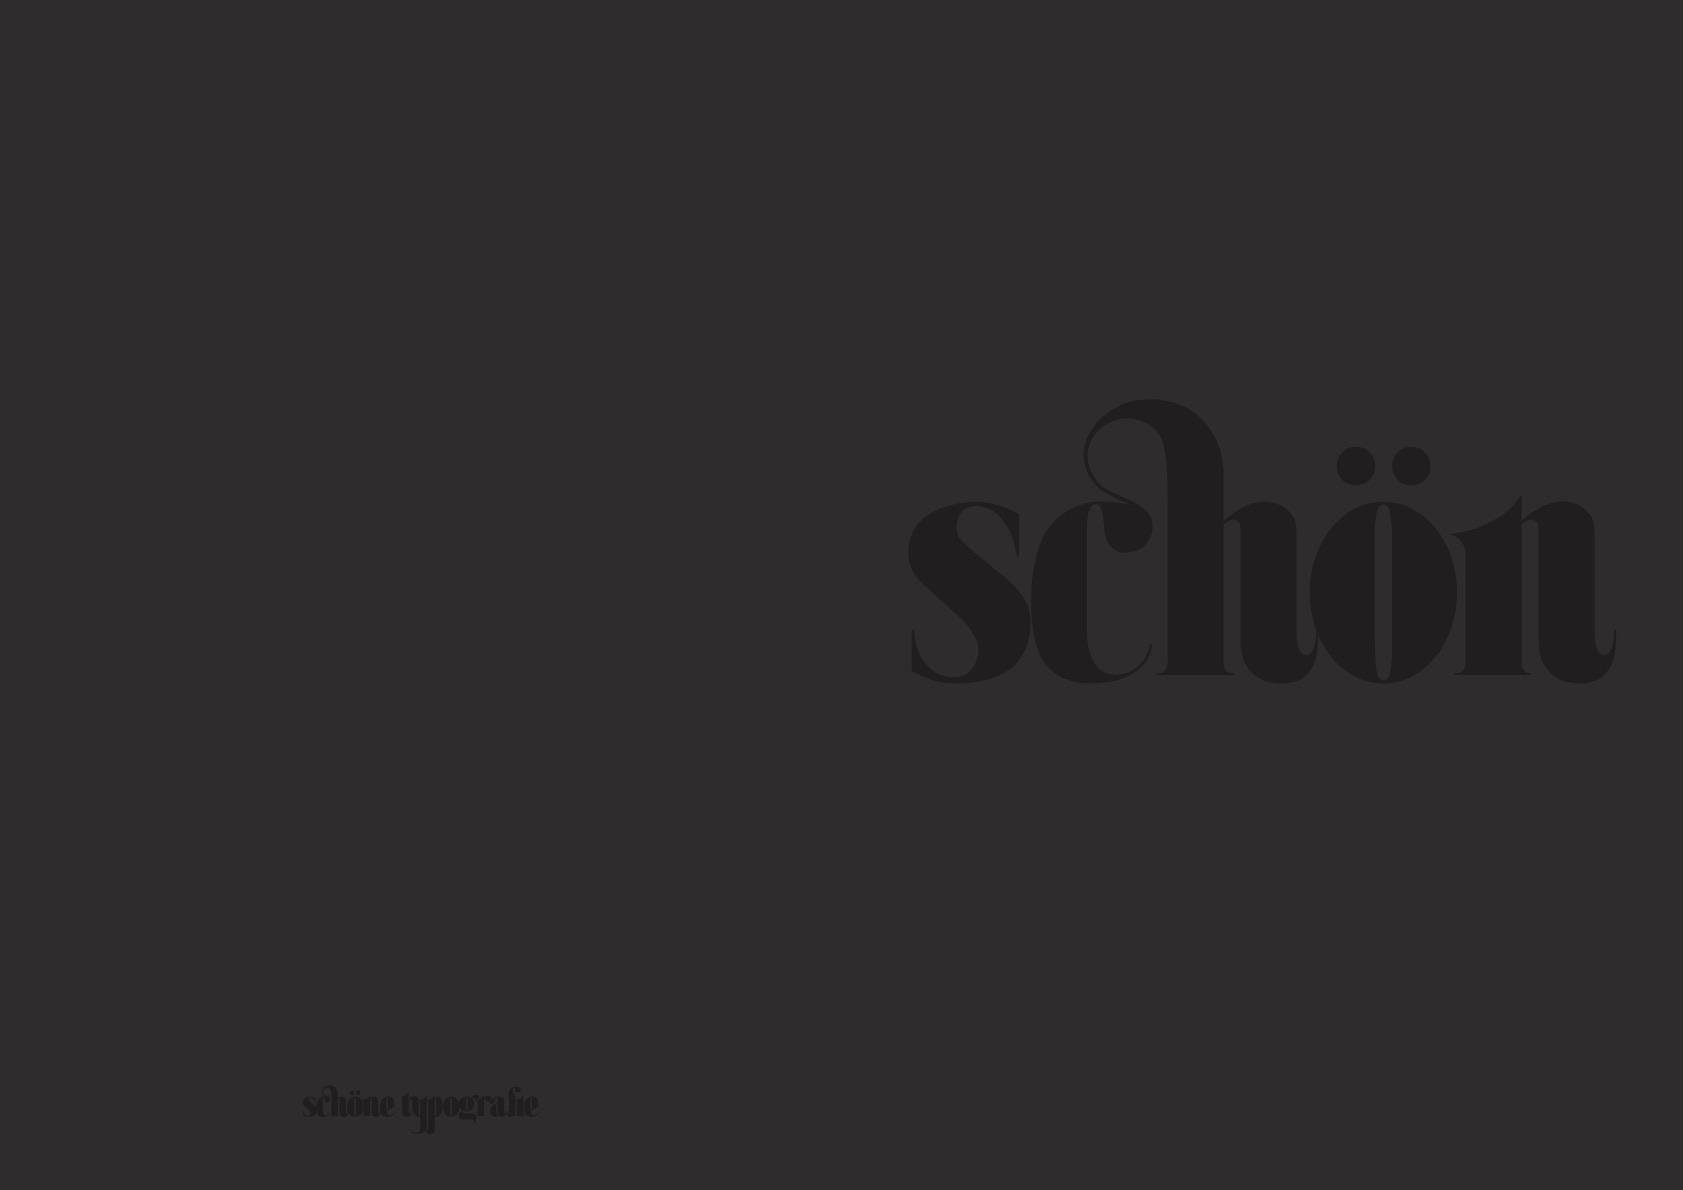 Schöne typographie